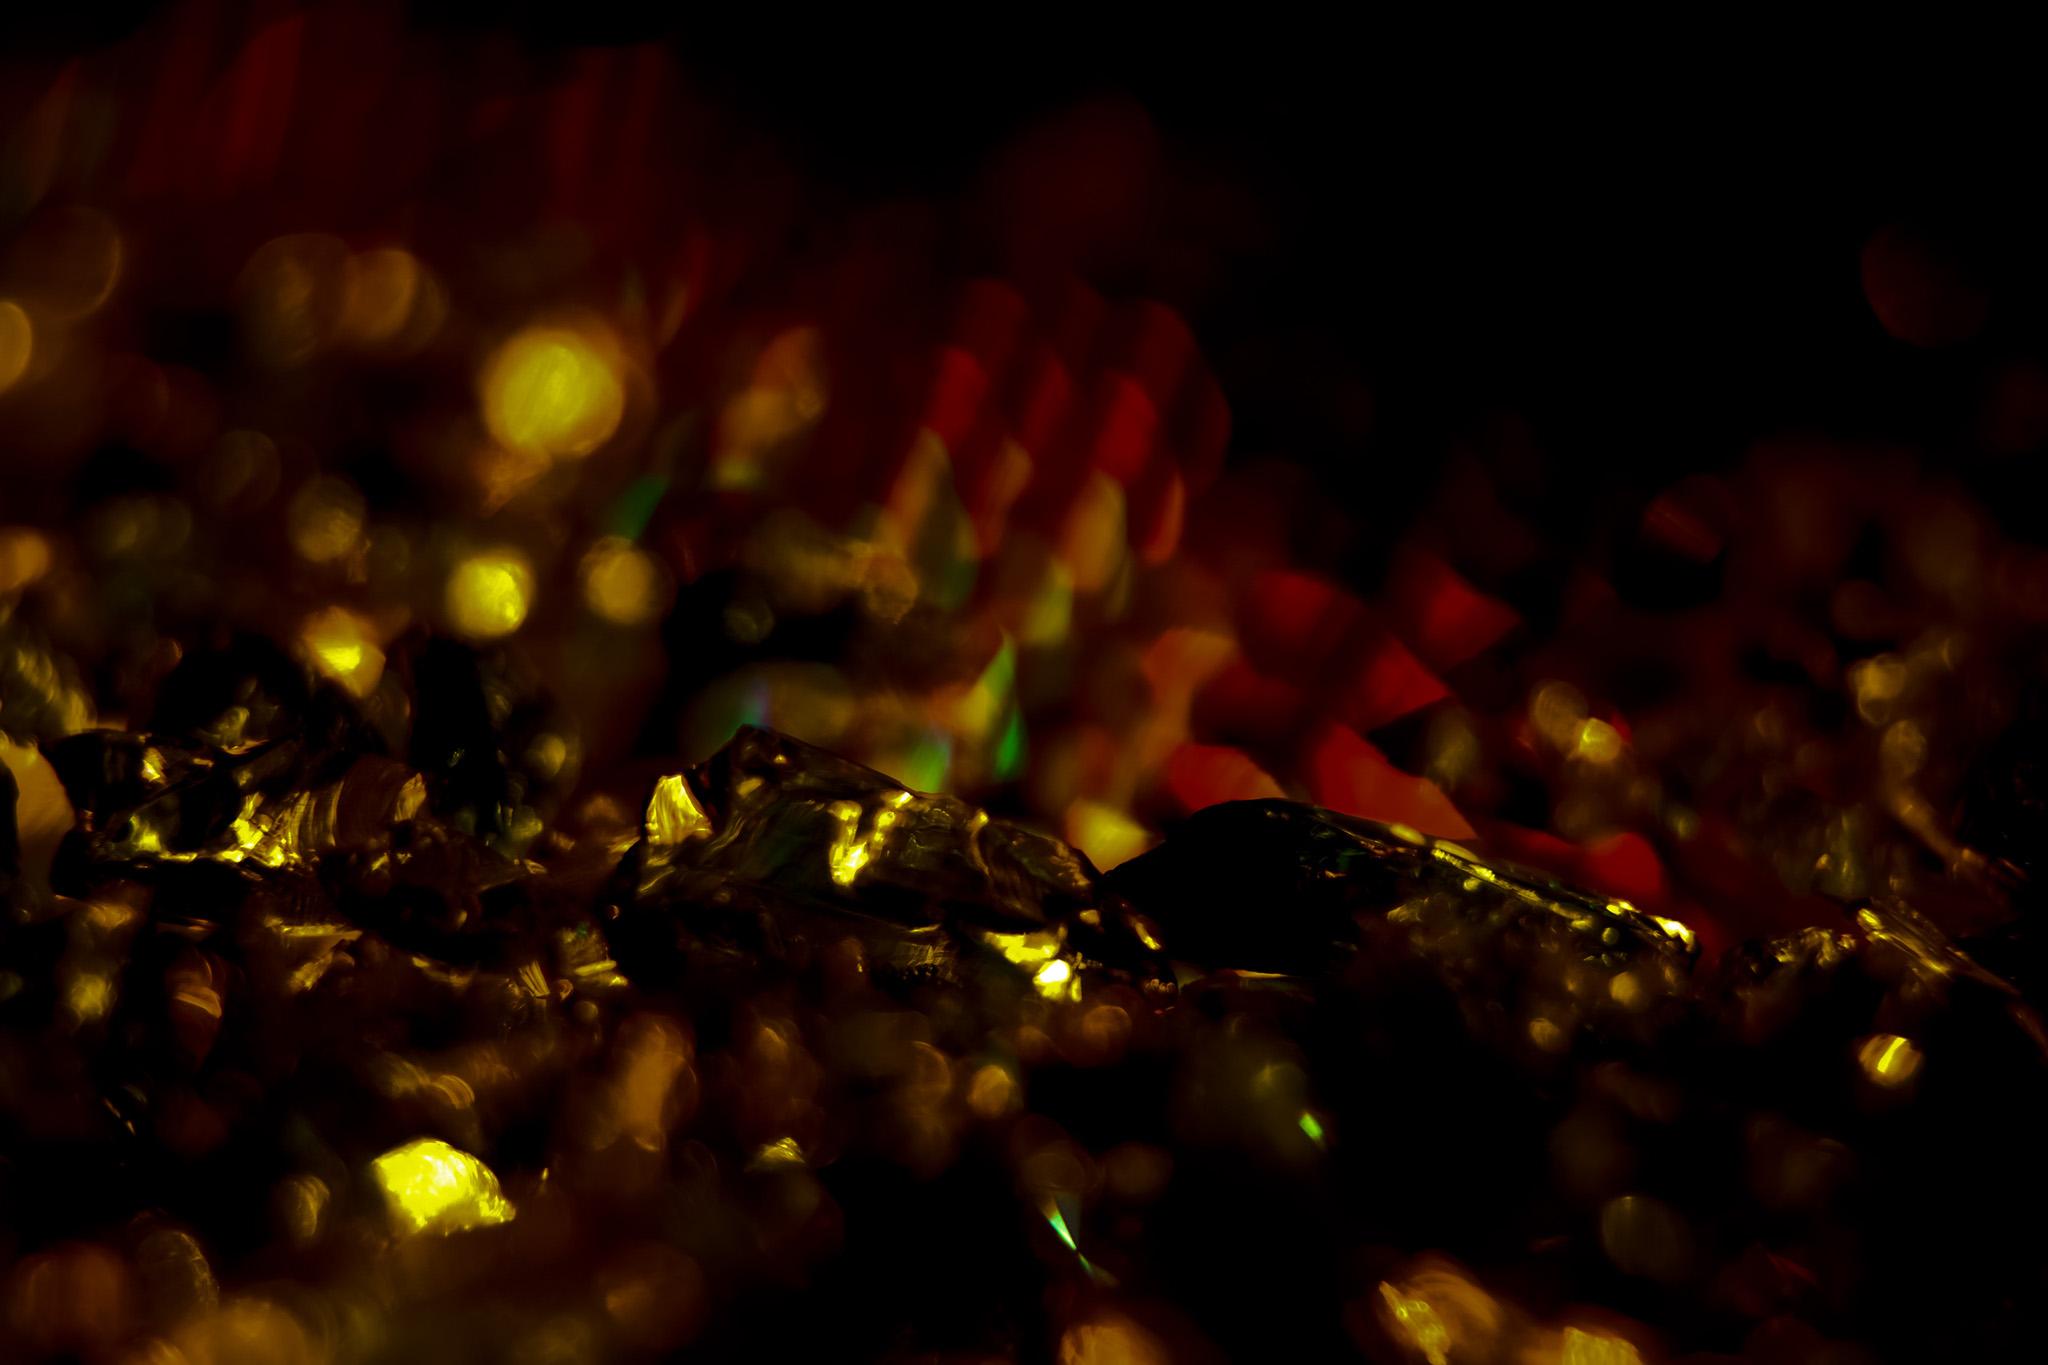 「暗闇の黄色い光」